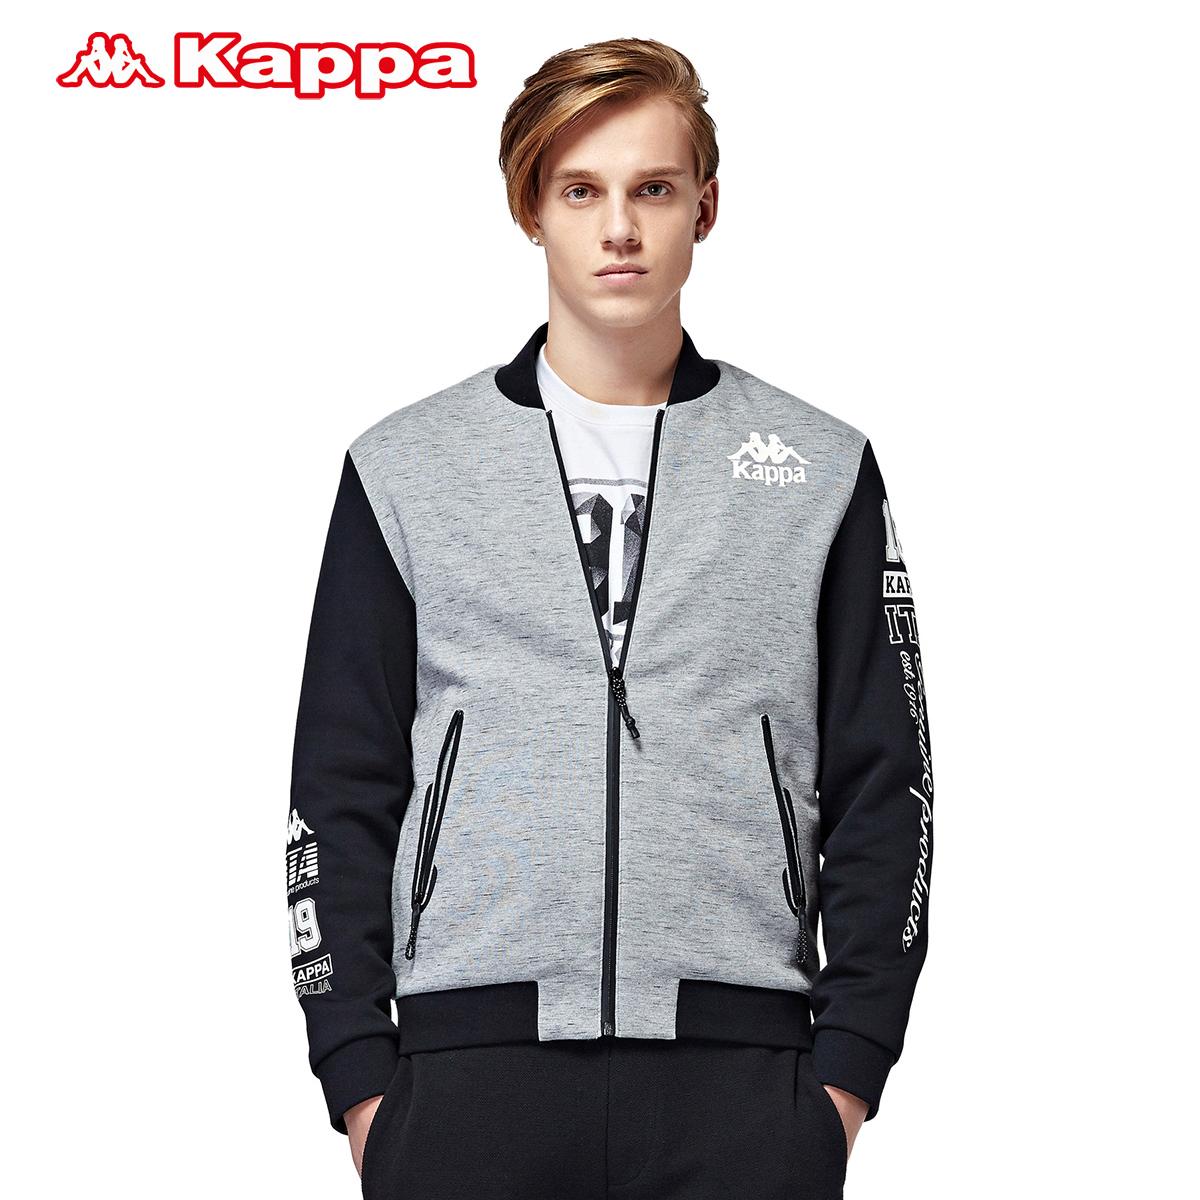 Kappa卡帕男保暖棉服 运动服棉服修身外套|K0652MM08